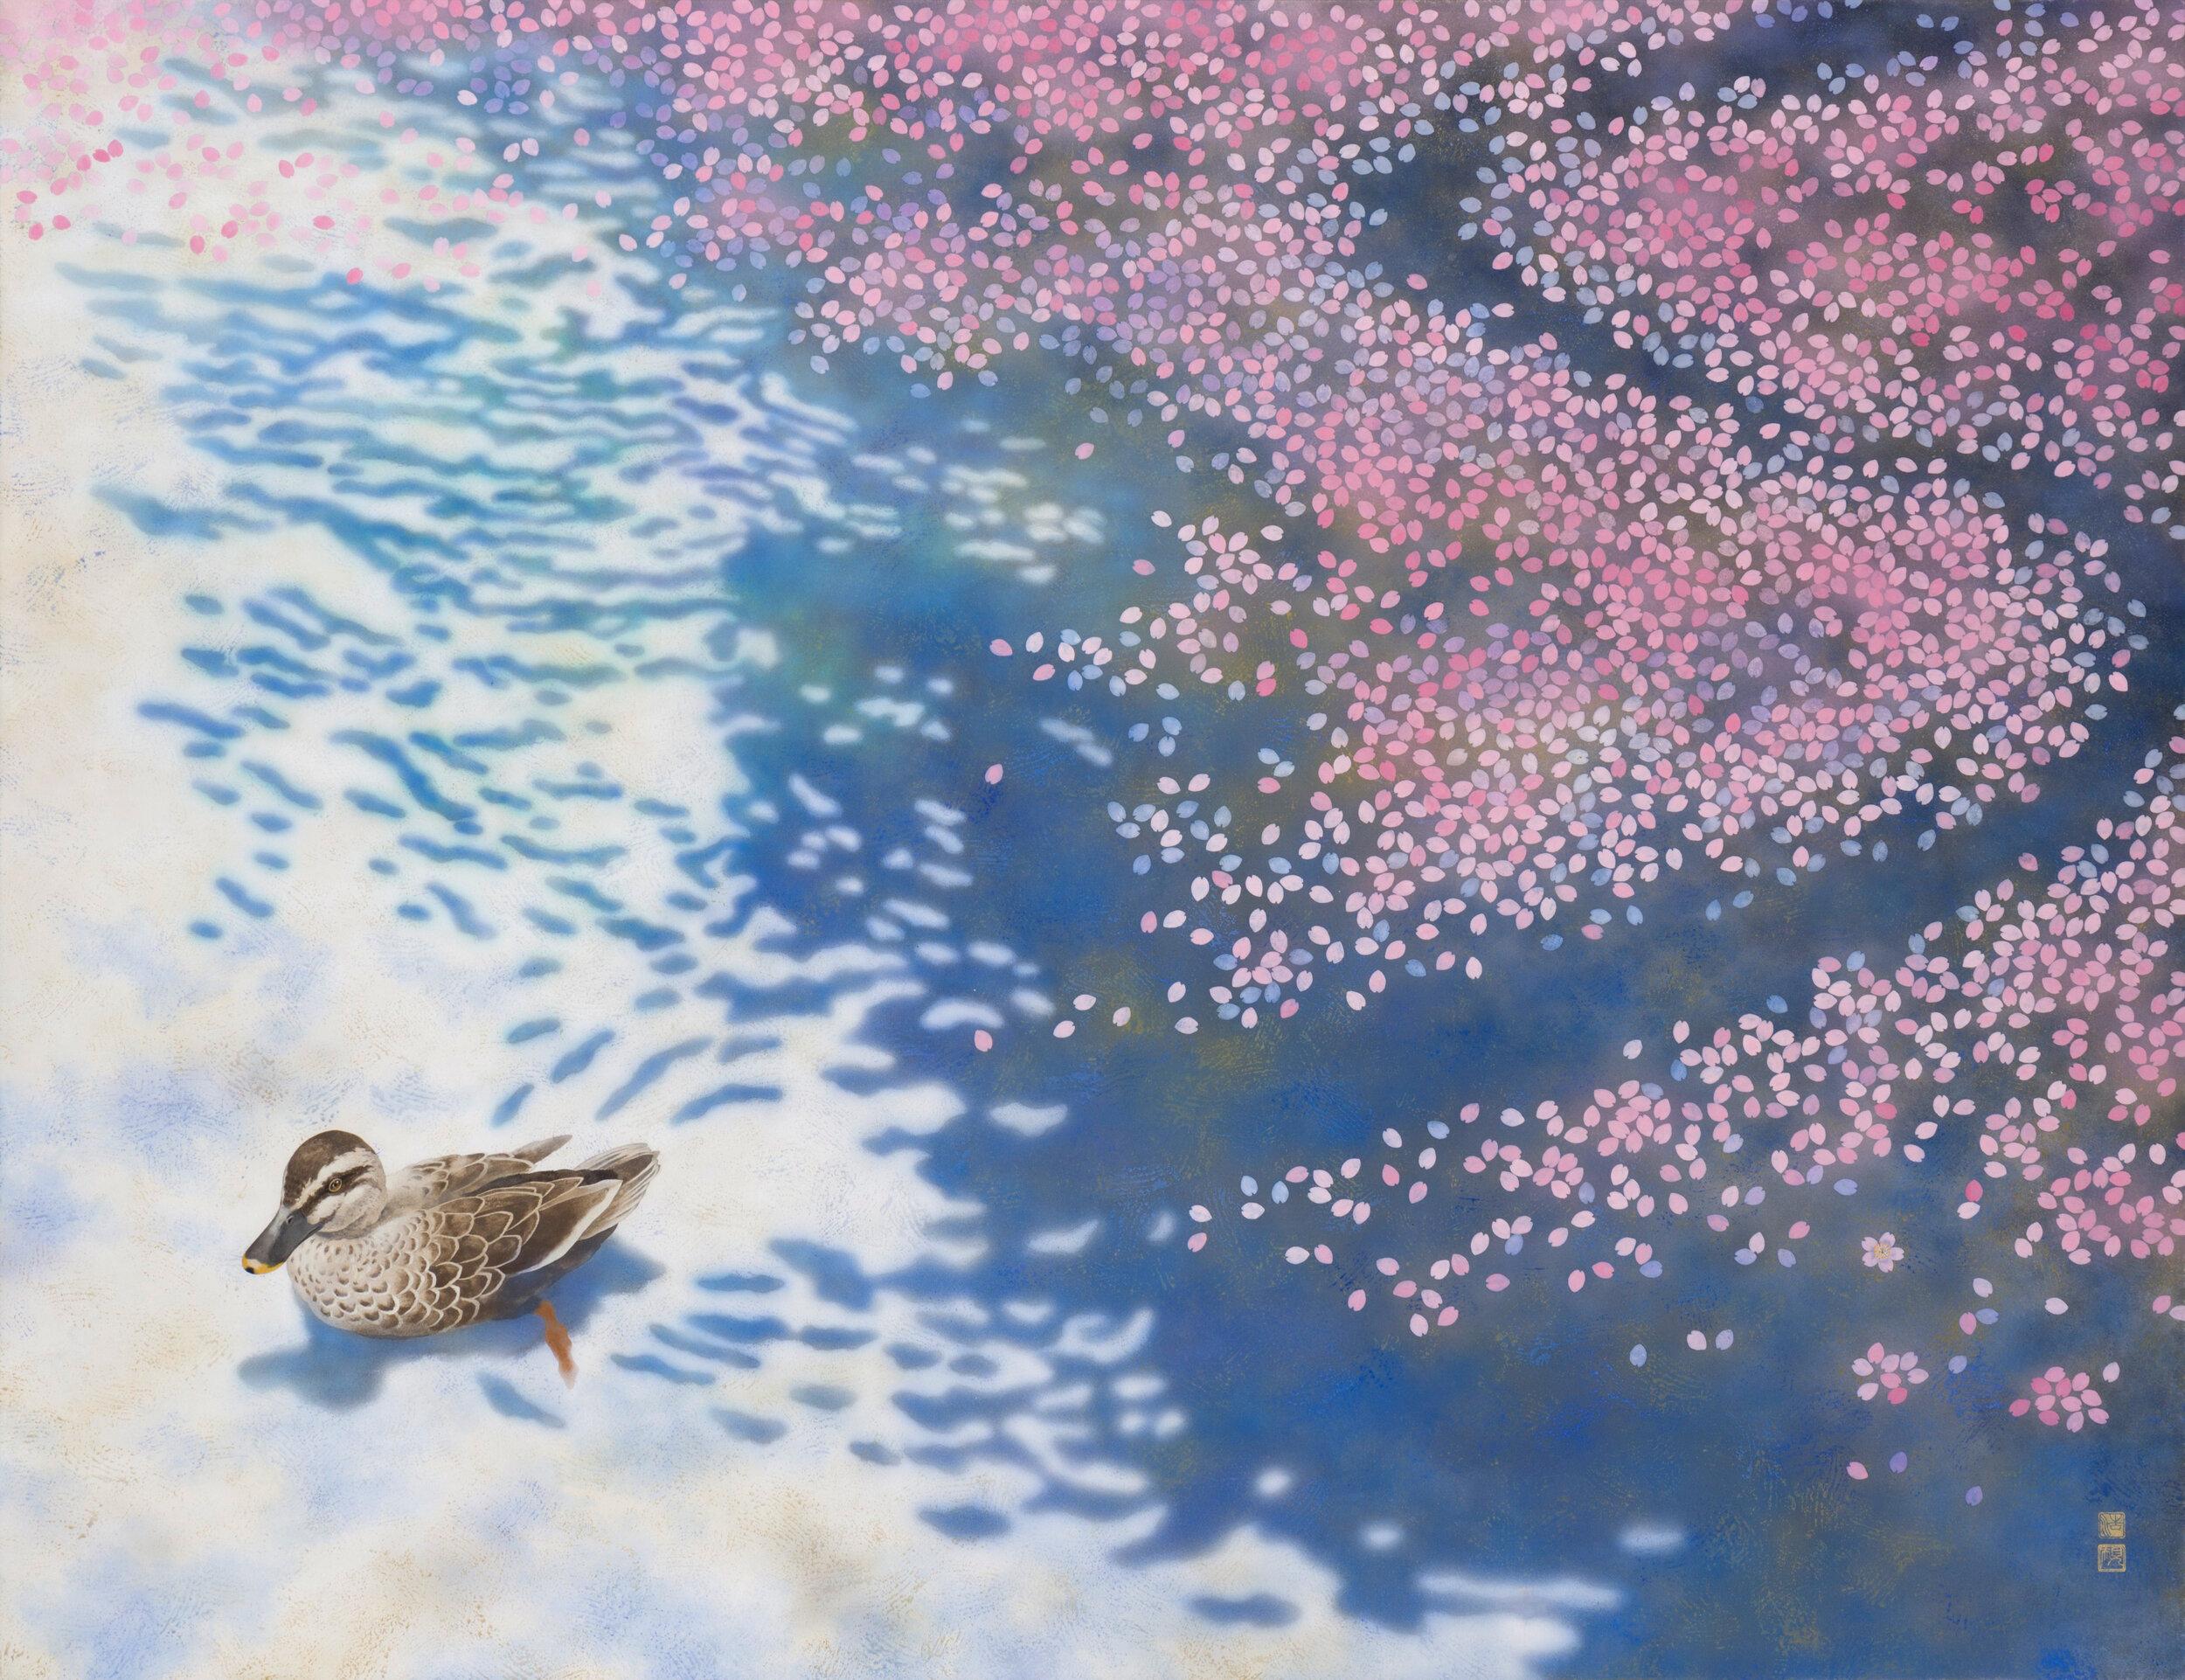 Hiroki Takahashi 'Spring footprint' 2013